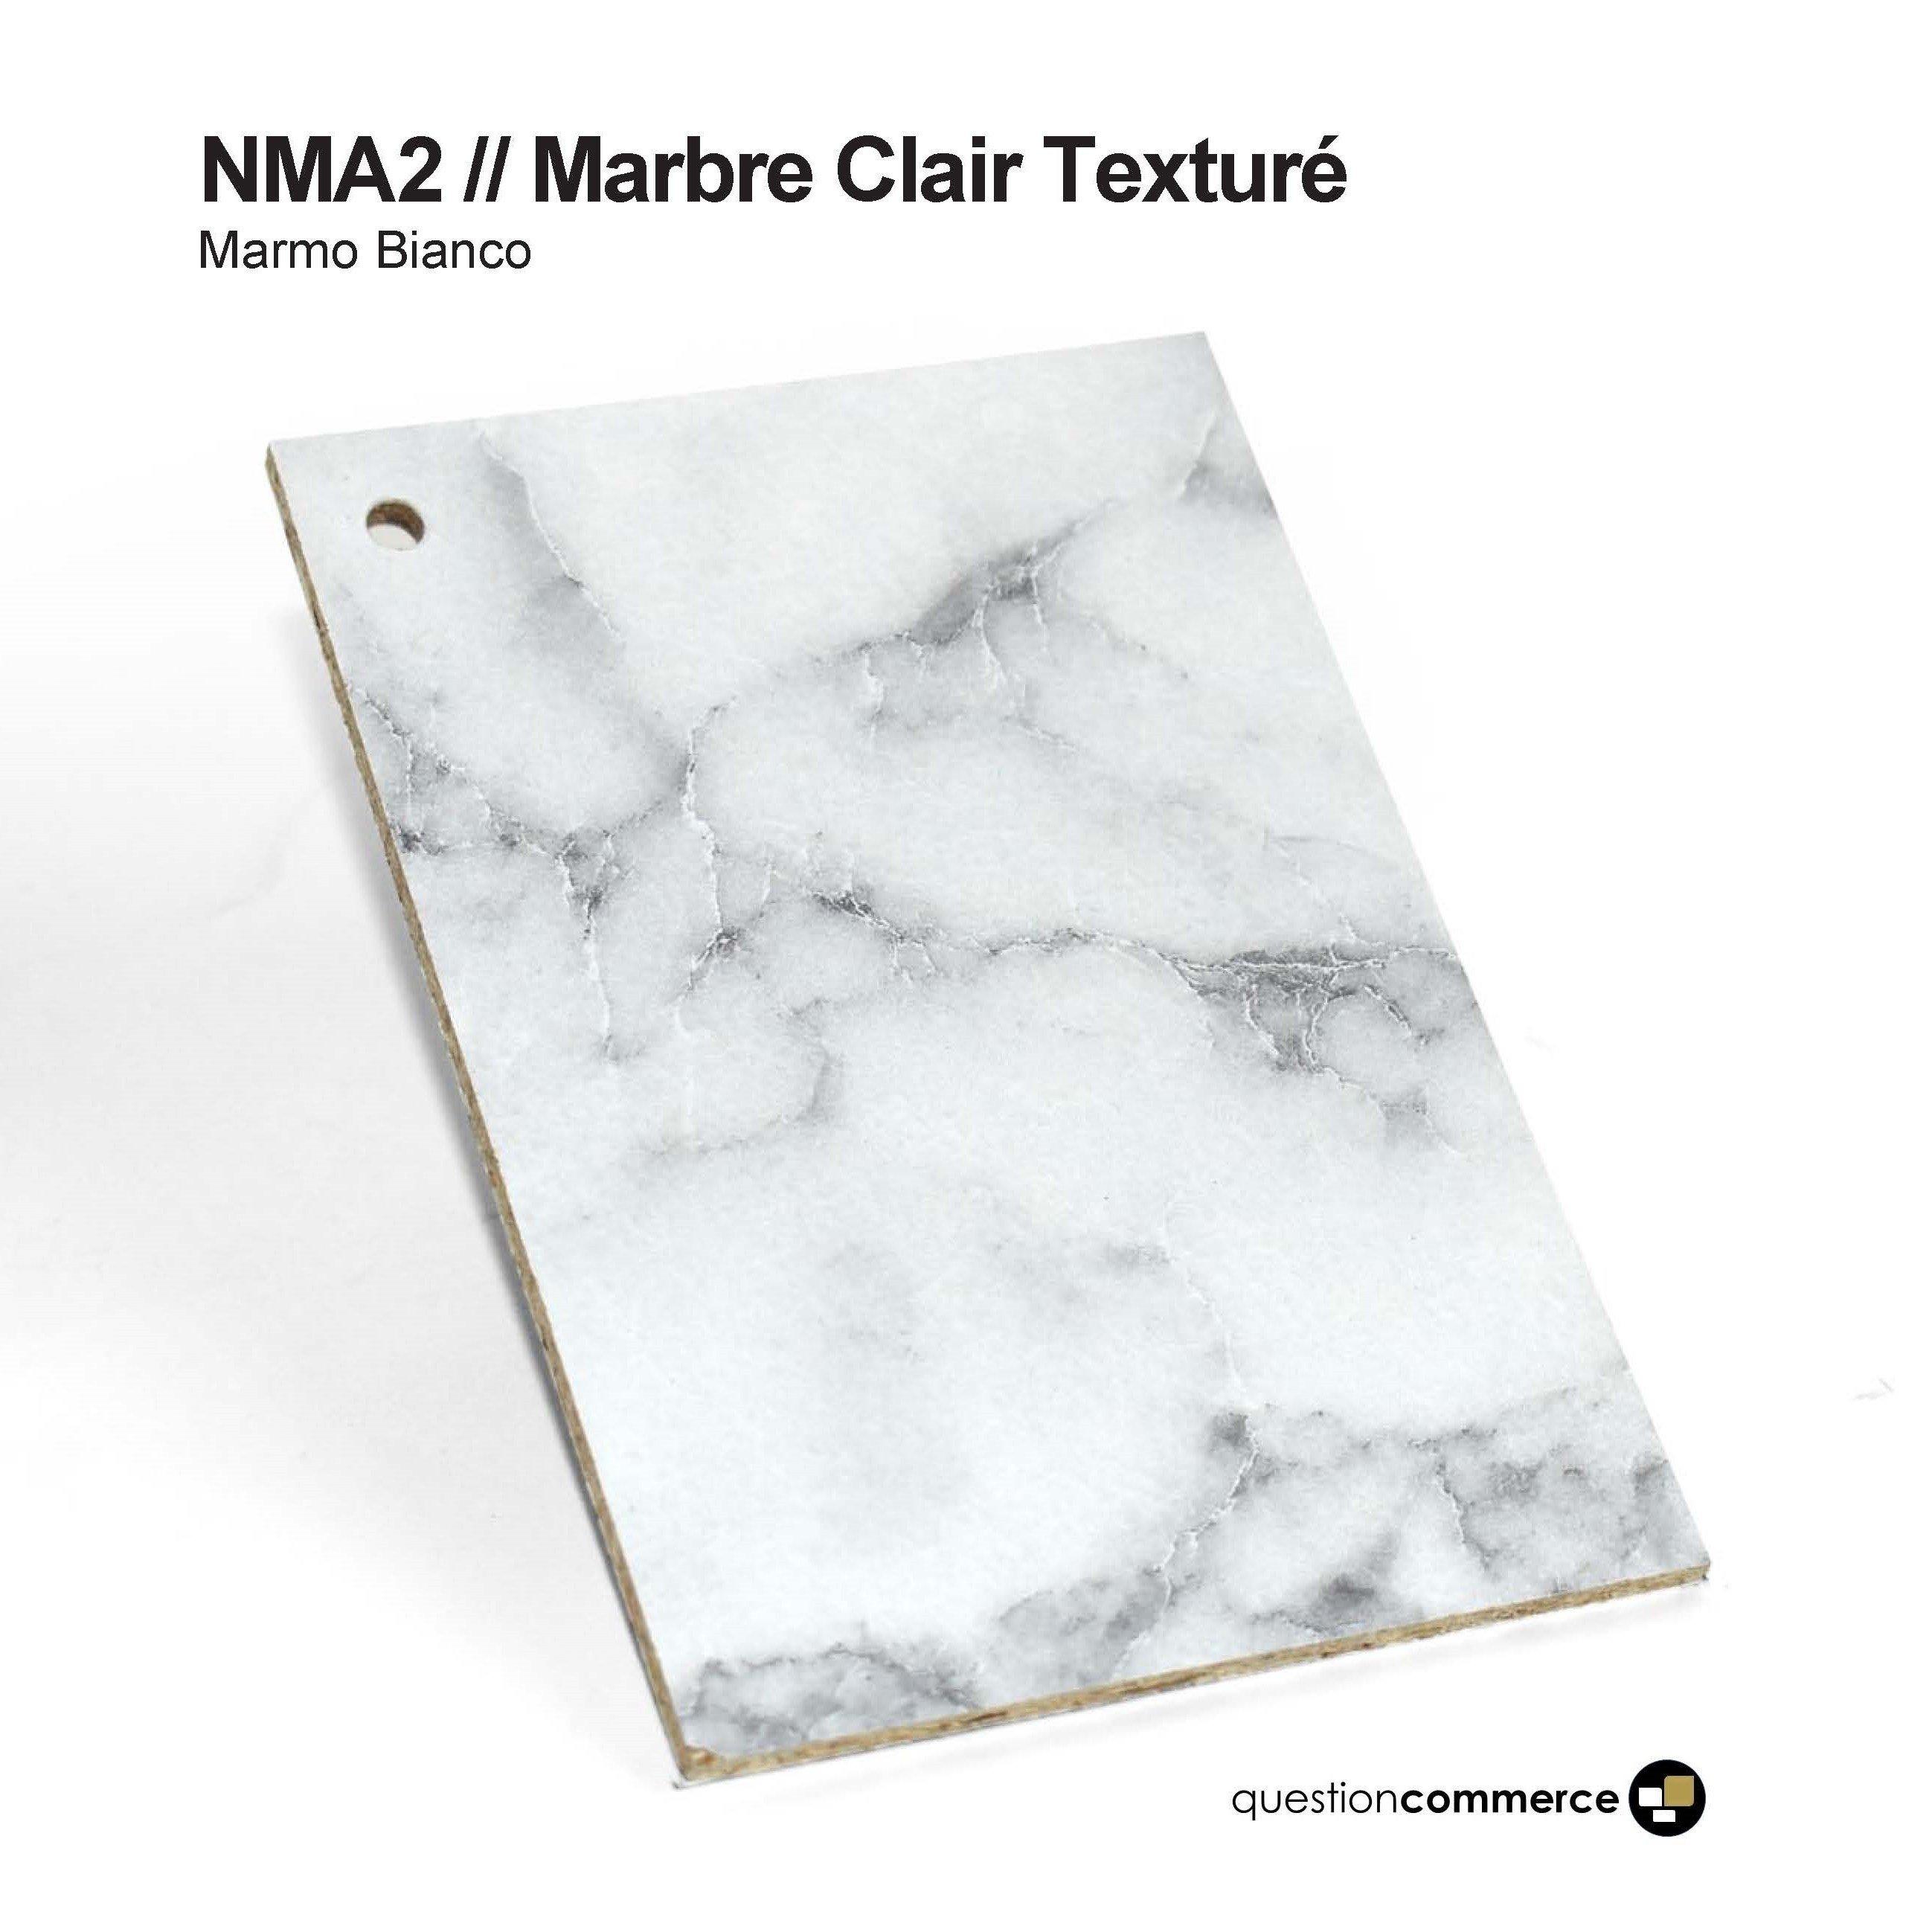 Marbre Clair Texture NMA2